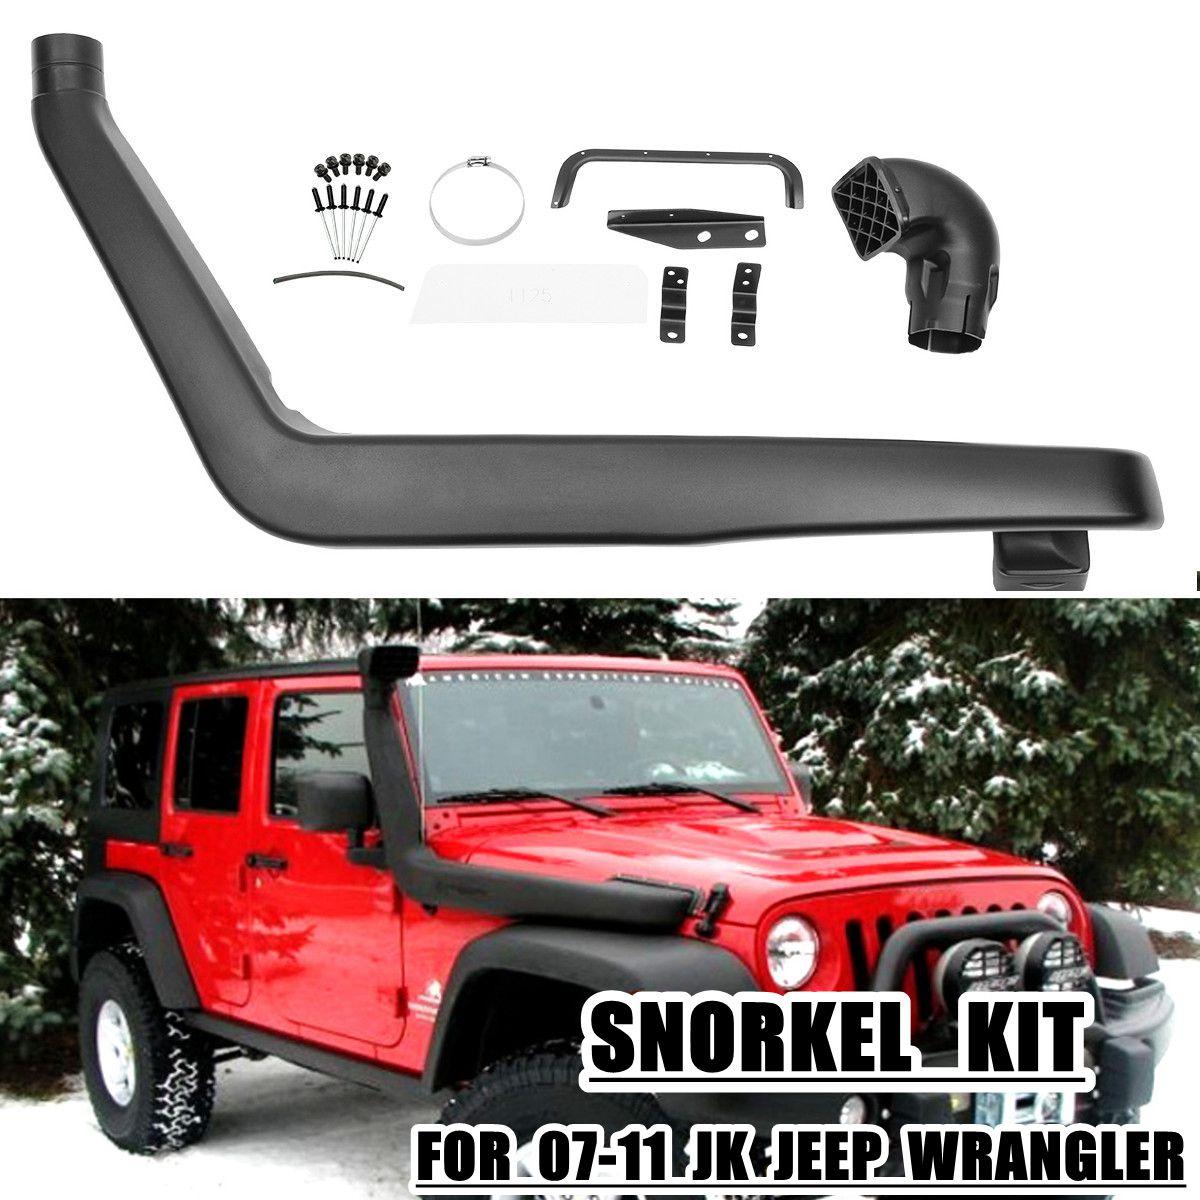 Автомобиль передний правый трубка комплект для джип для Wrangler JK 3.8L V6 2007 2008 2009 2010 2011 воздуха Ram воздухозаборника Системы